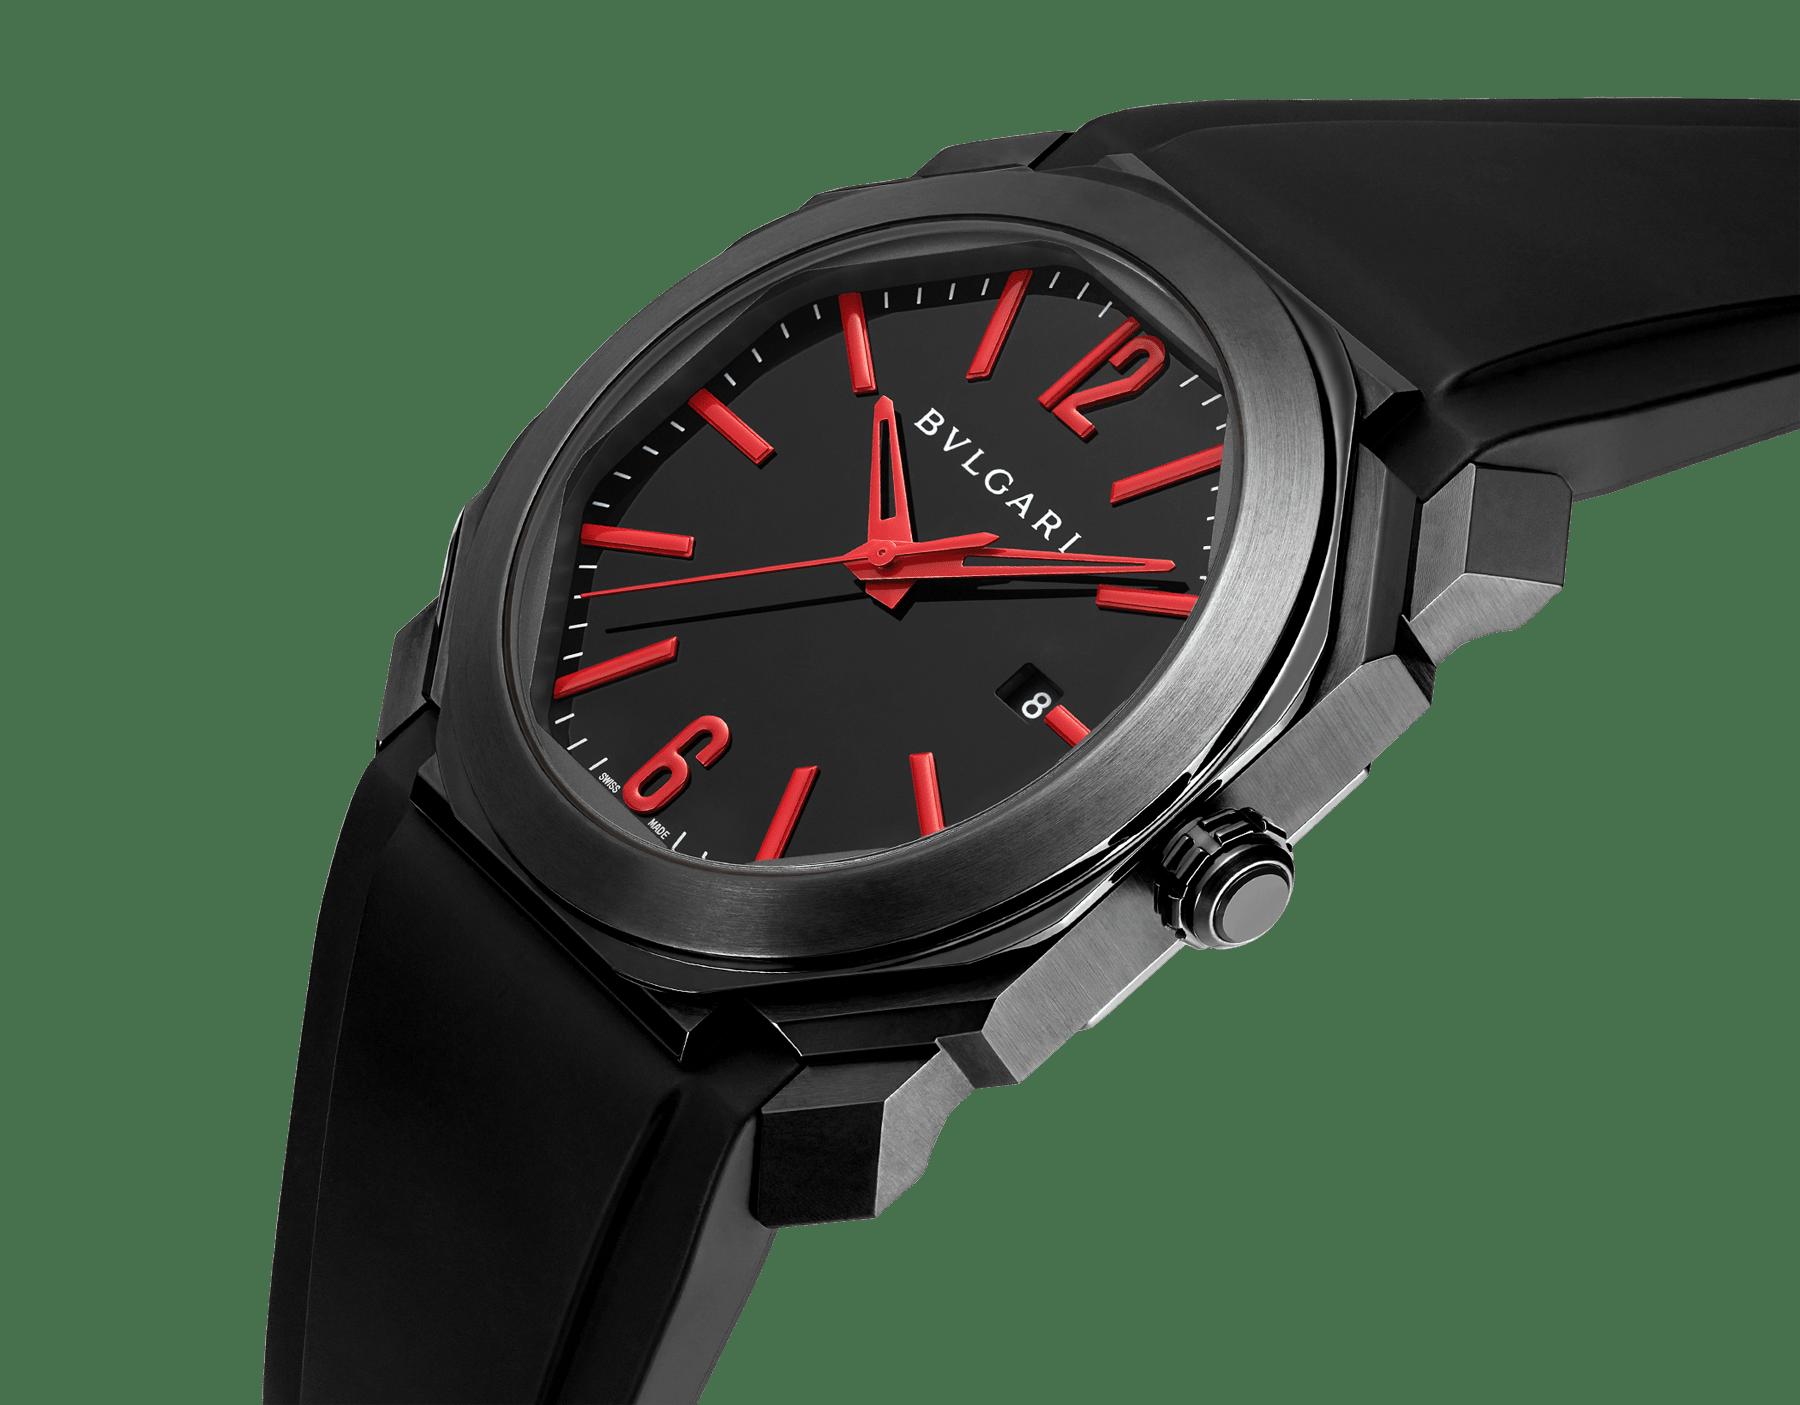 Relógio Octo com movimento de manufatura mecânico, corda automática e data, caixa em aço inoxidável com tratamento em carbono tipo diamante (DLC) preto, mostrador preto laqueado e pulseira em borracha preta. 102738 image 2